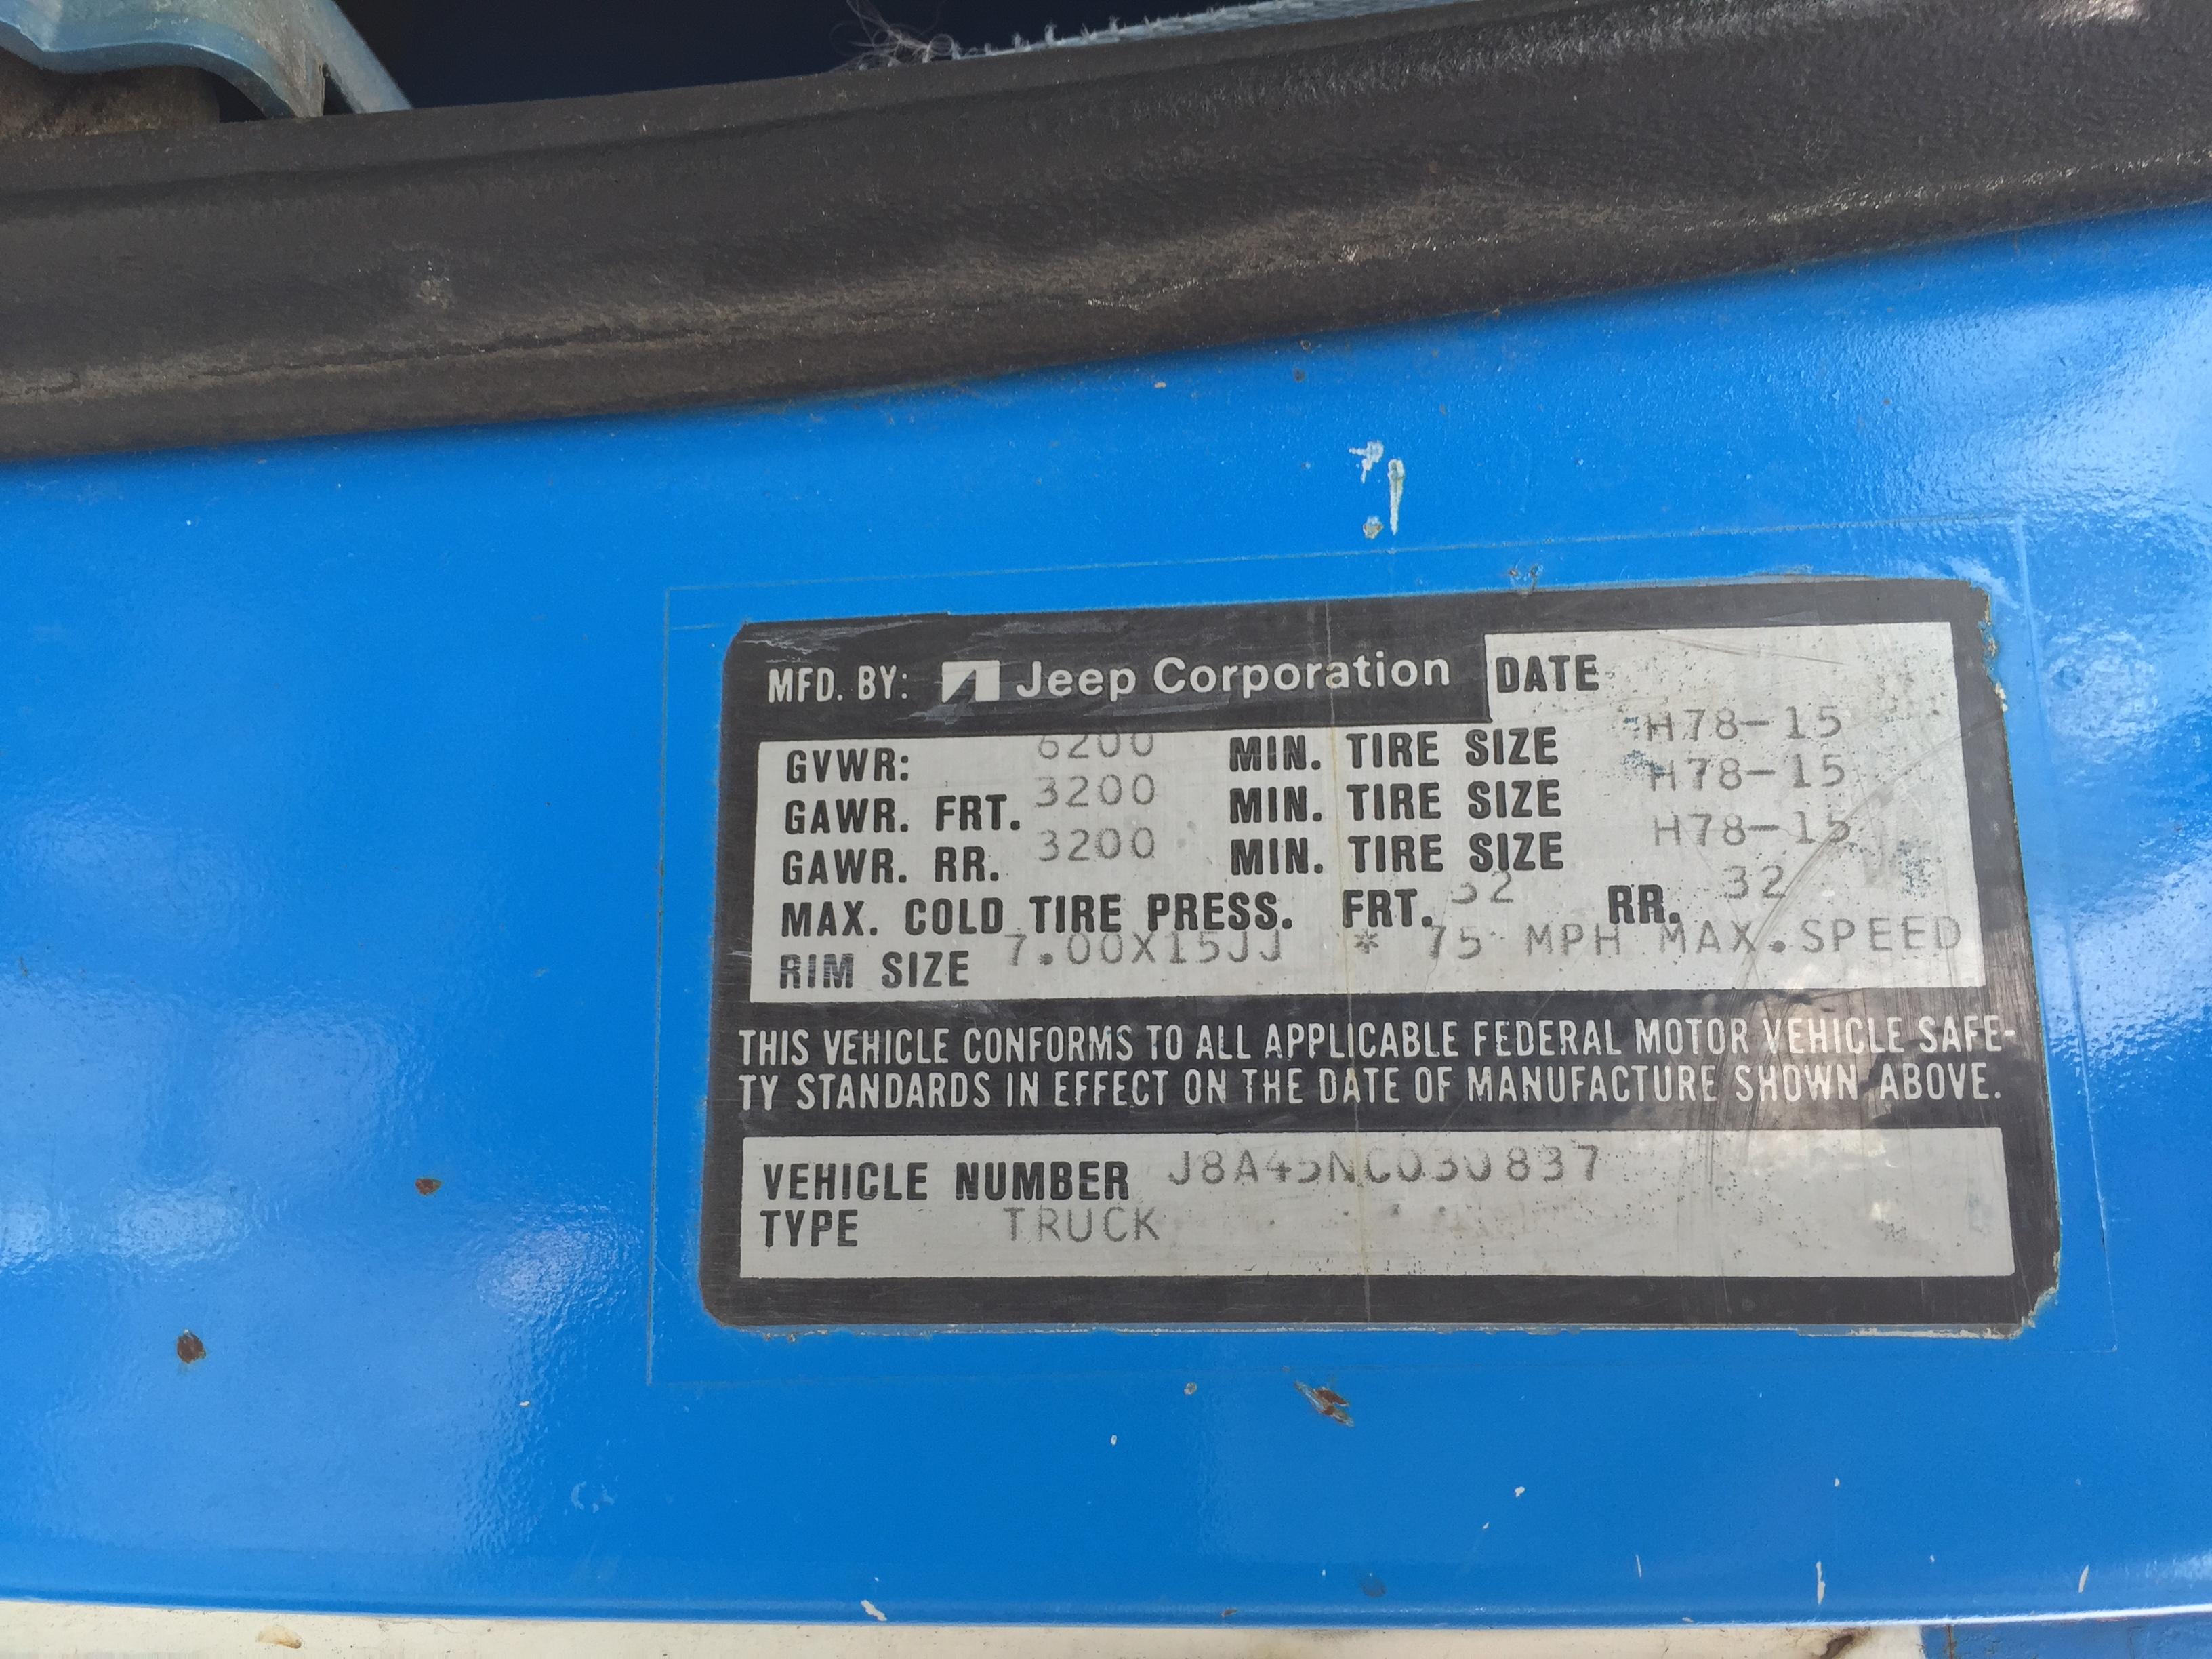 File:1978 Jeep J-10 pickup truck, 131-inch wb, 6200 lbs GVW, 258 CID